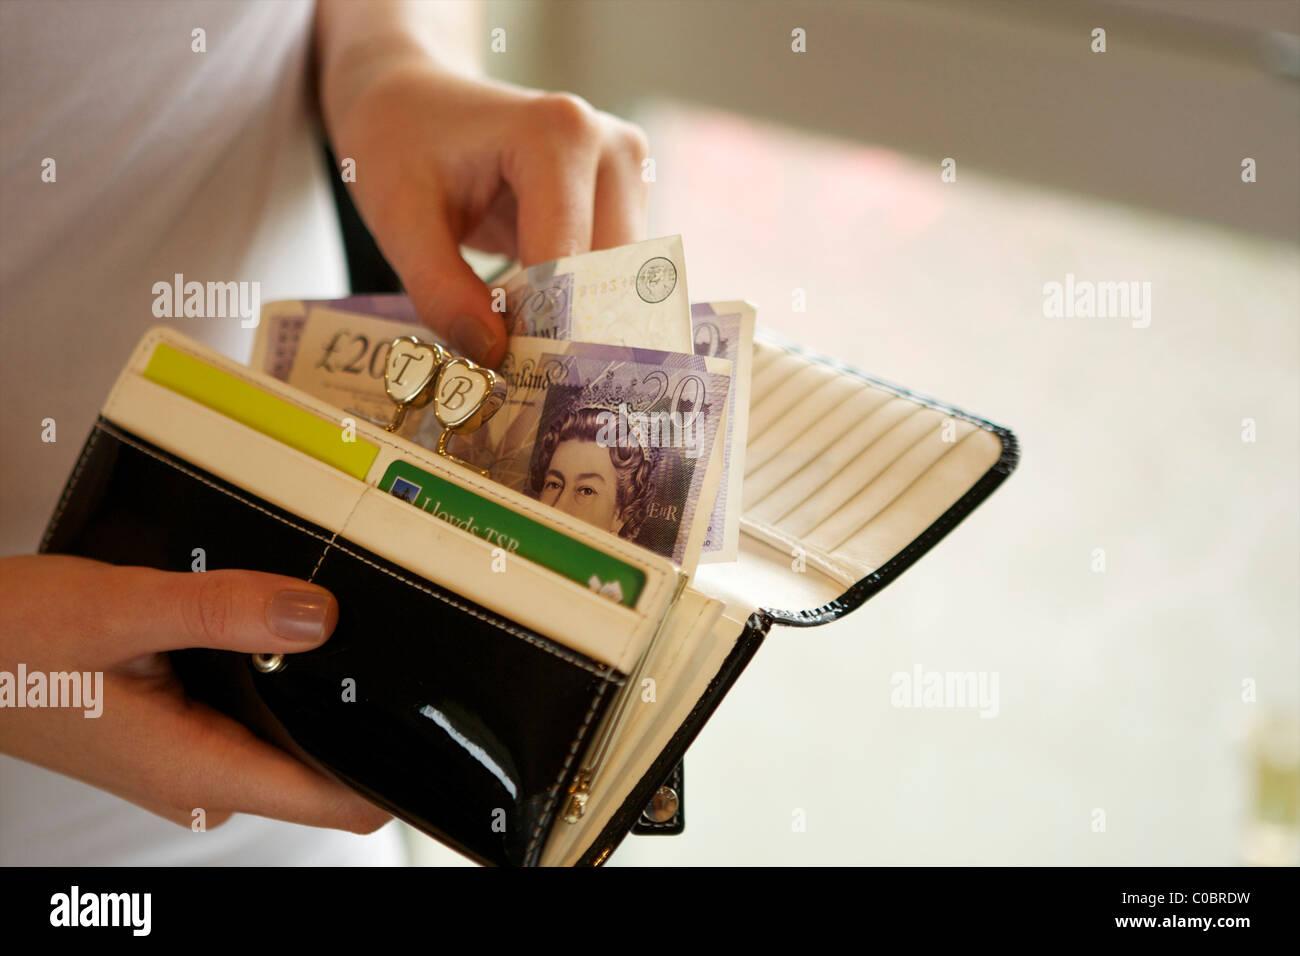 female holding purse - Stock Image